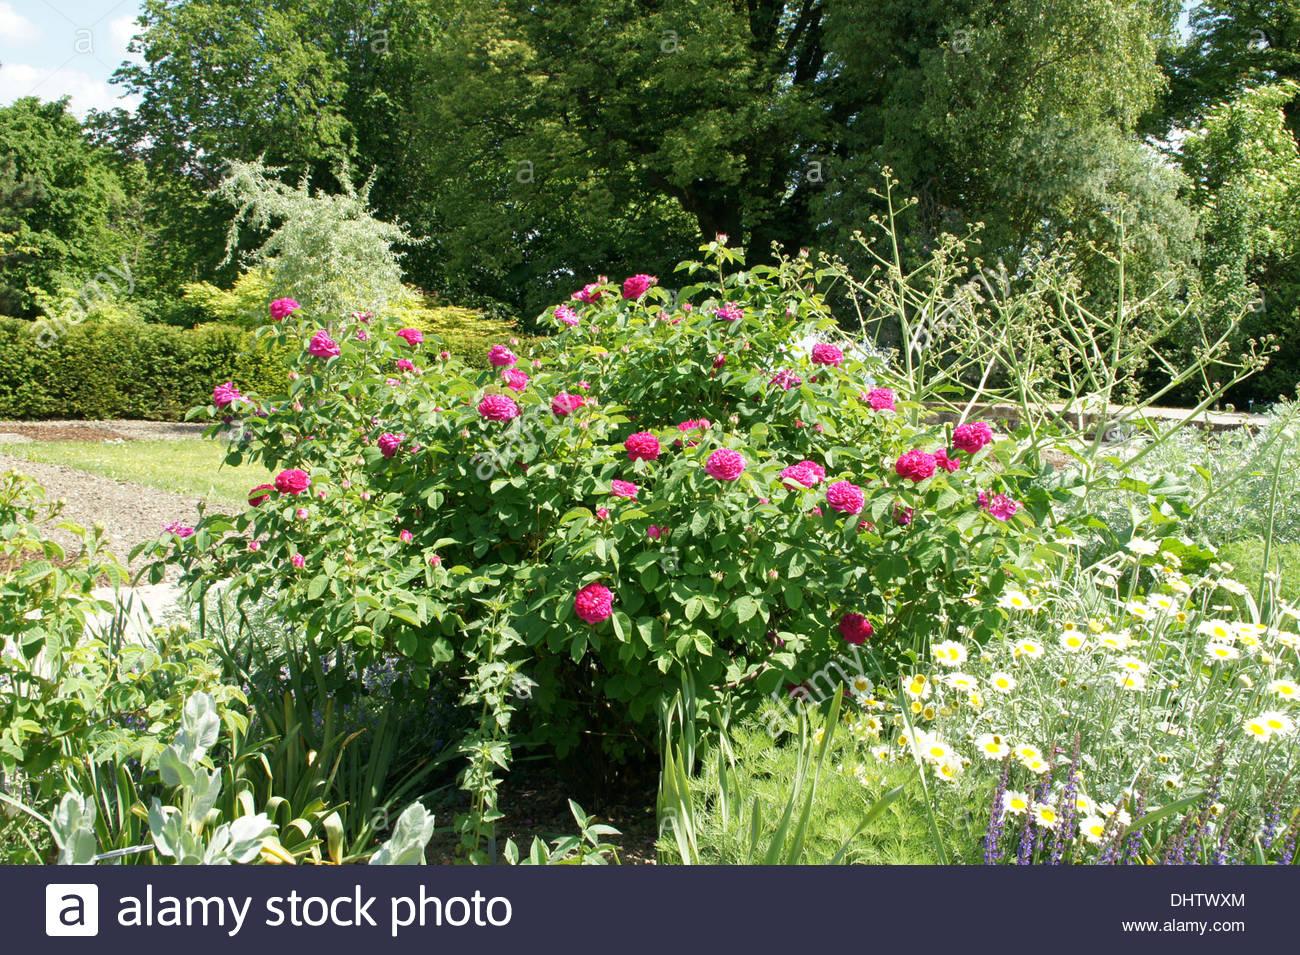 Rose De Resht Stock Photo, Royalty Free Image: 62627452.